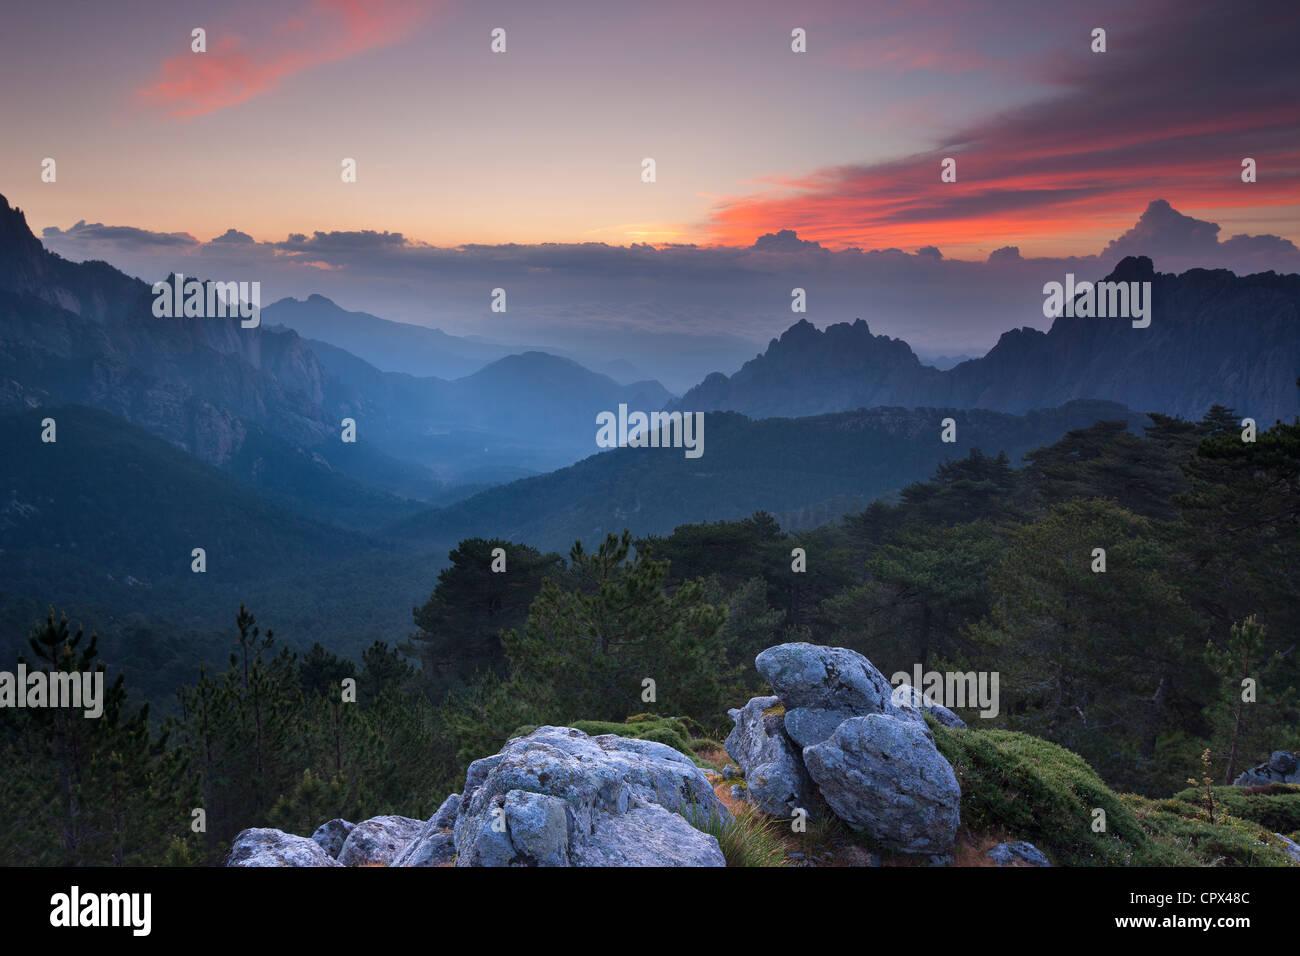 El Col de Bavella al amanecer, montañas de Bavella, Córcega, Francia Foto de stock